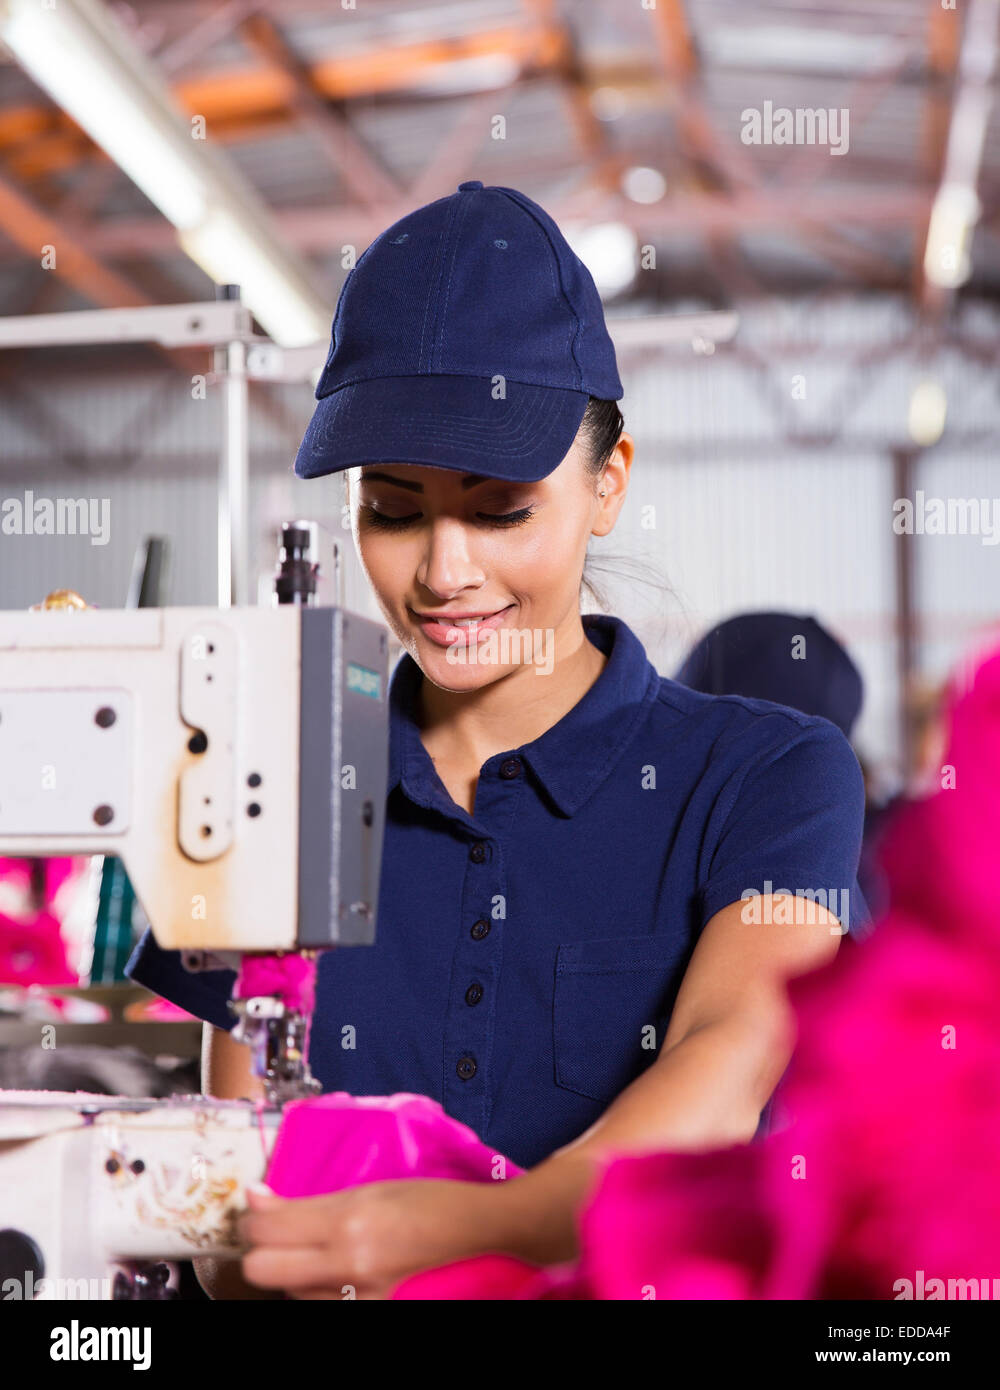 Jolie femme employée d'usine de vêtements couture Photo Stock